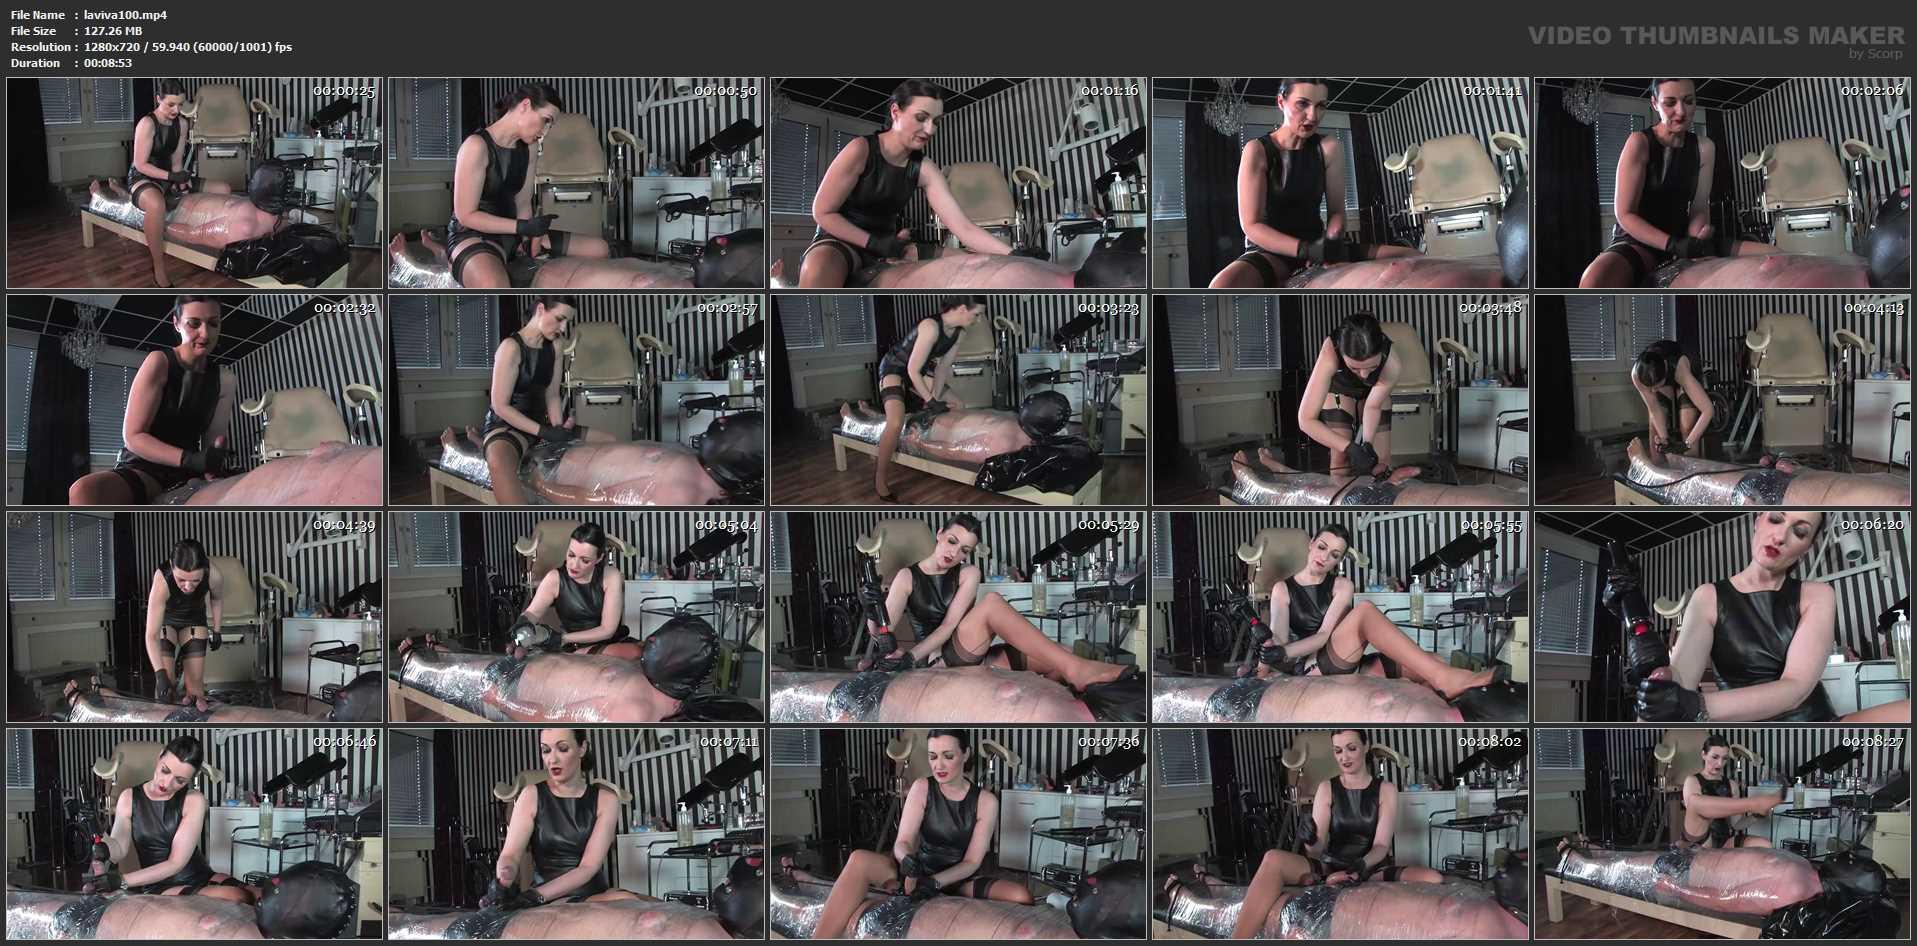 Lady Victoria Valente In Scene: The cling foil bondage slave Part 2 - CLIPS4SALE / LADYVICTORIAVALENTE - HD/720p/MP4